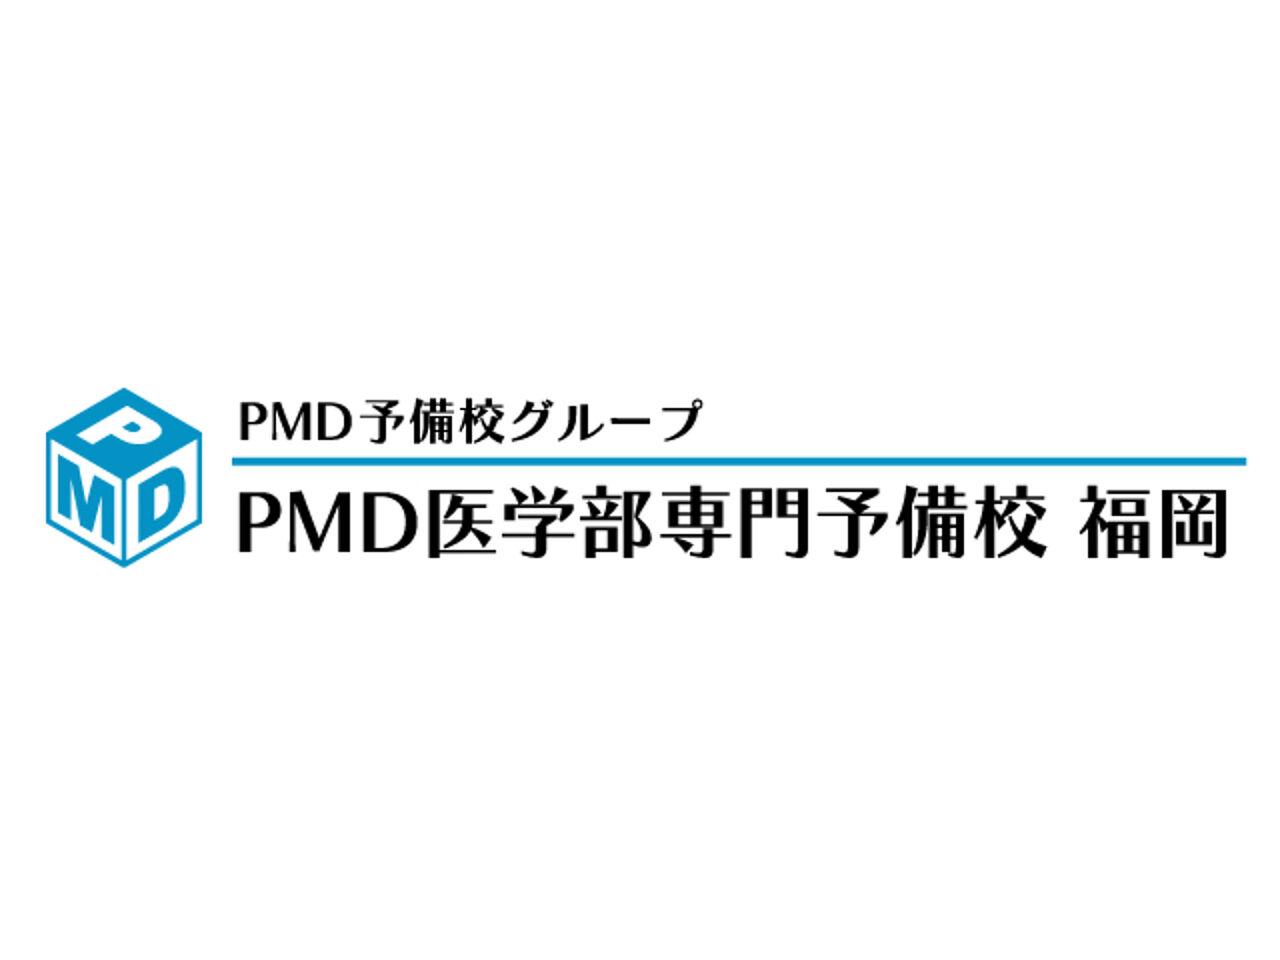 PMD 医学部専門予備校の画像